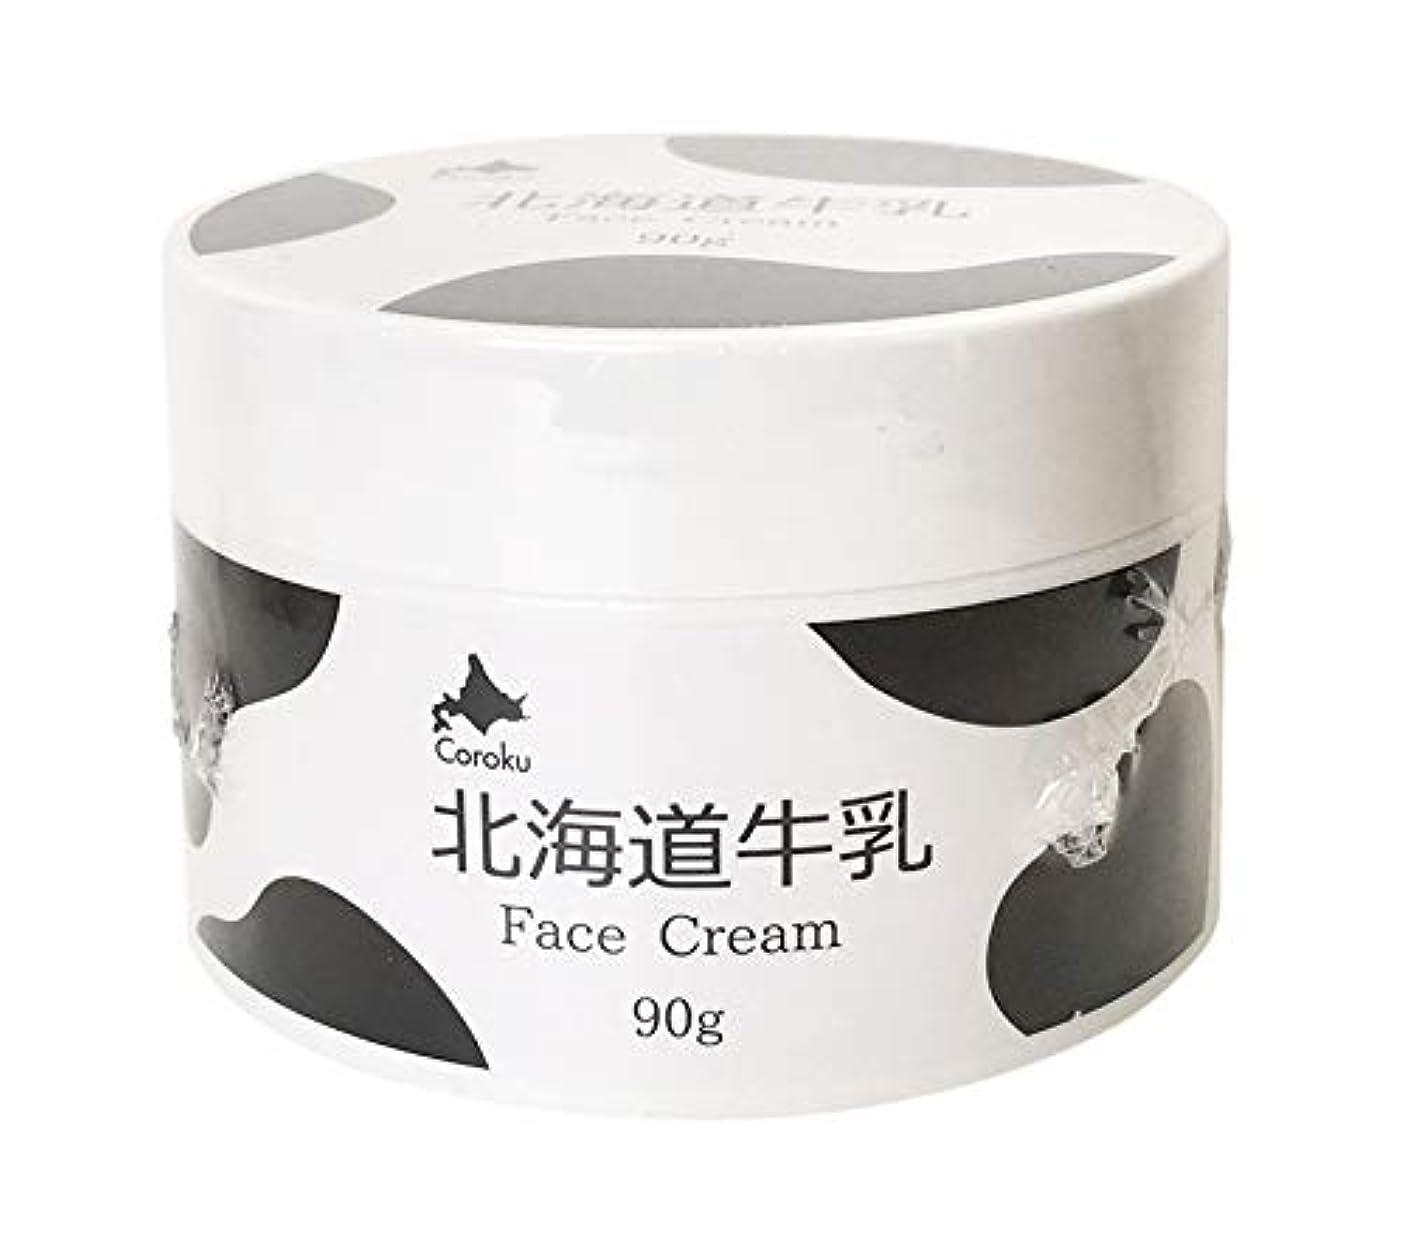 簿記係クロール考える北海道牛乳 フェイスクリーム FACE CREAM